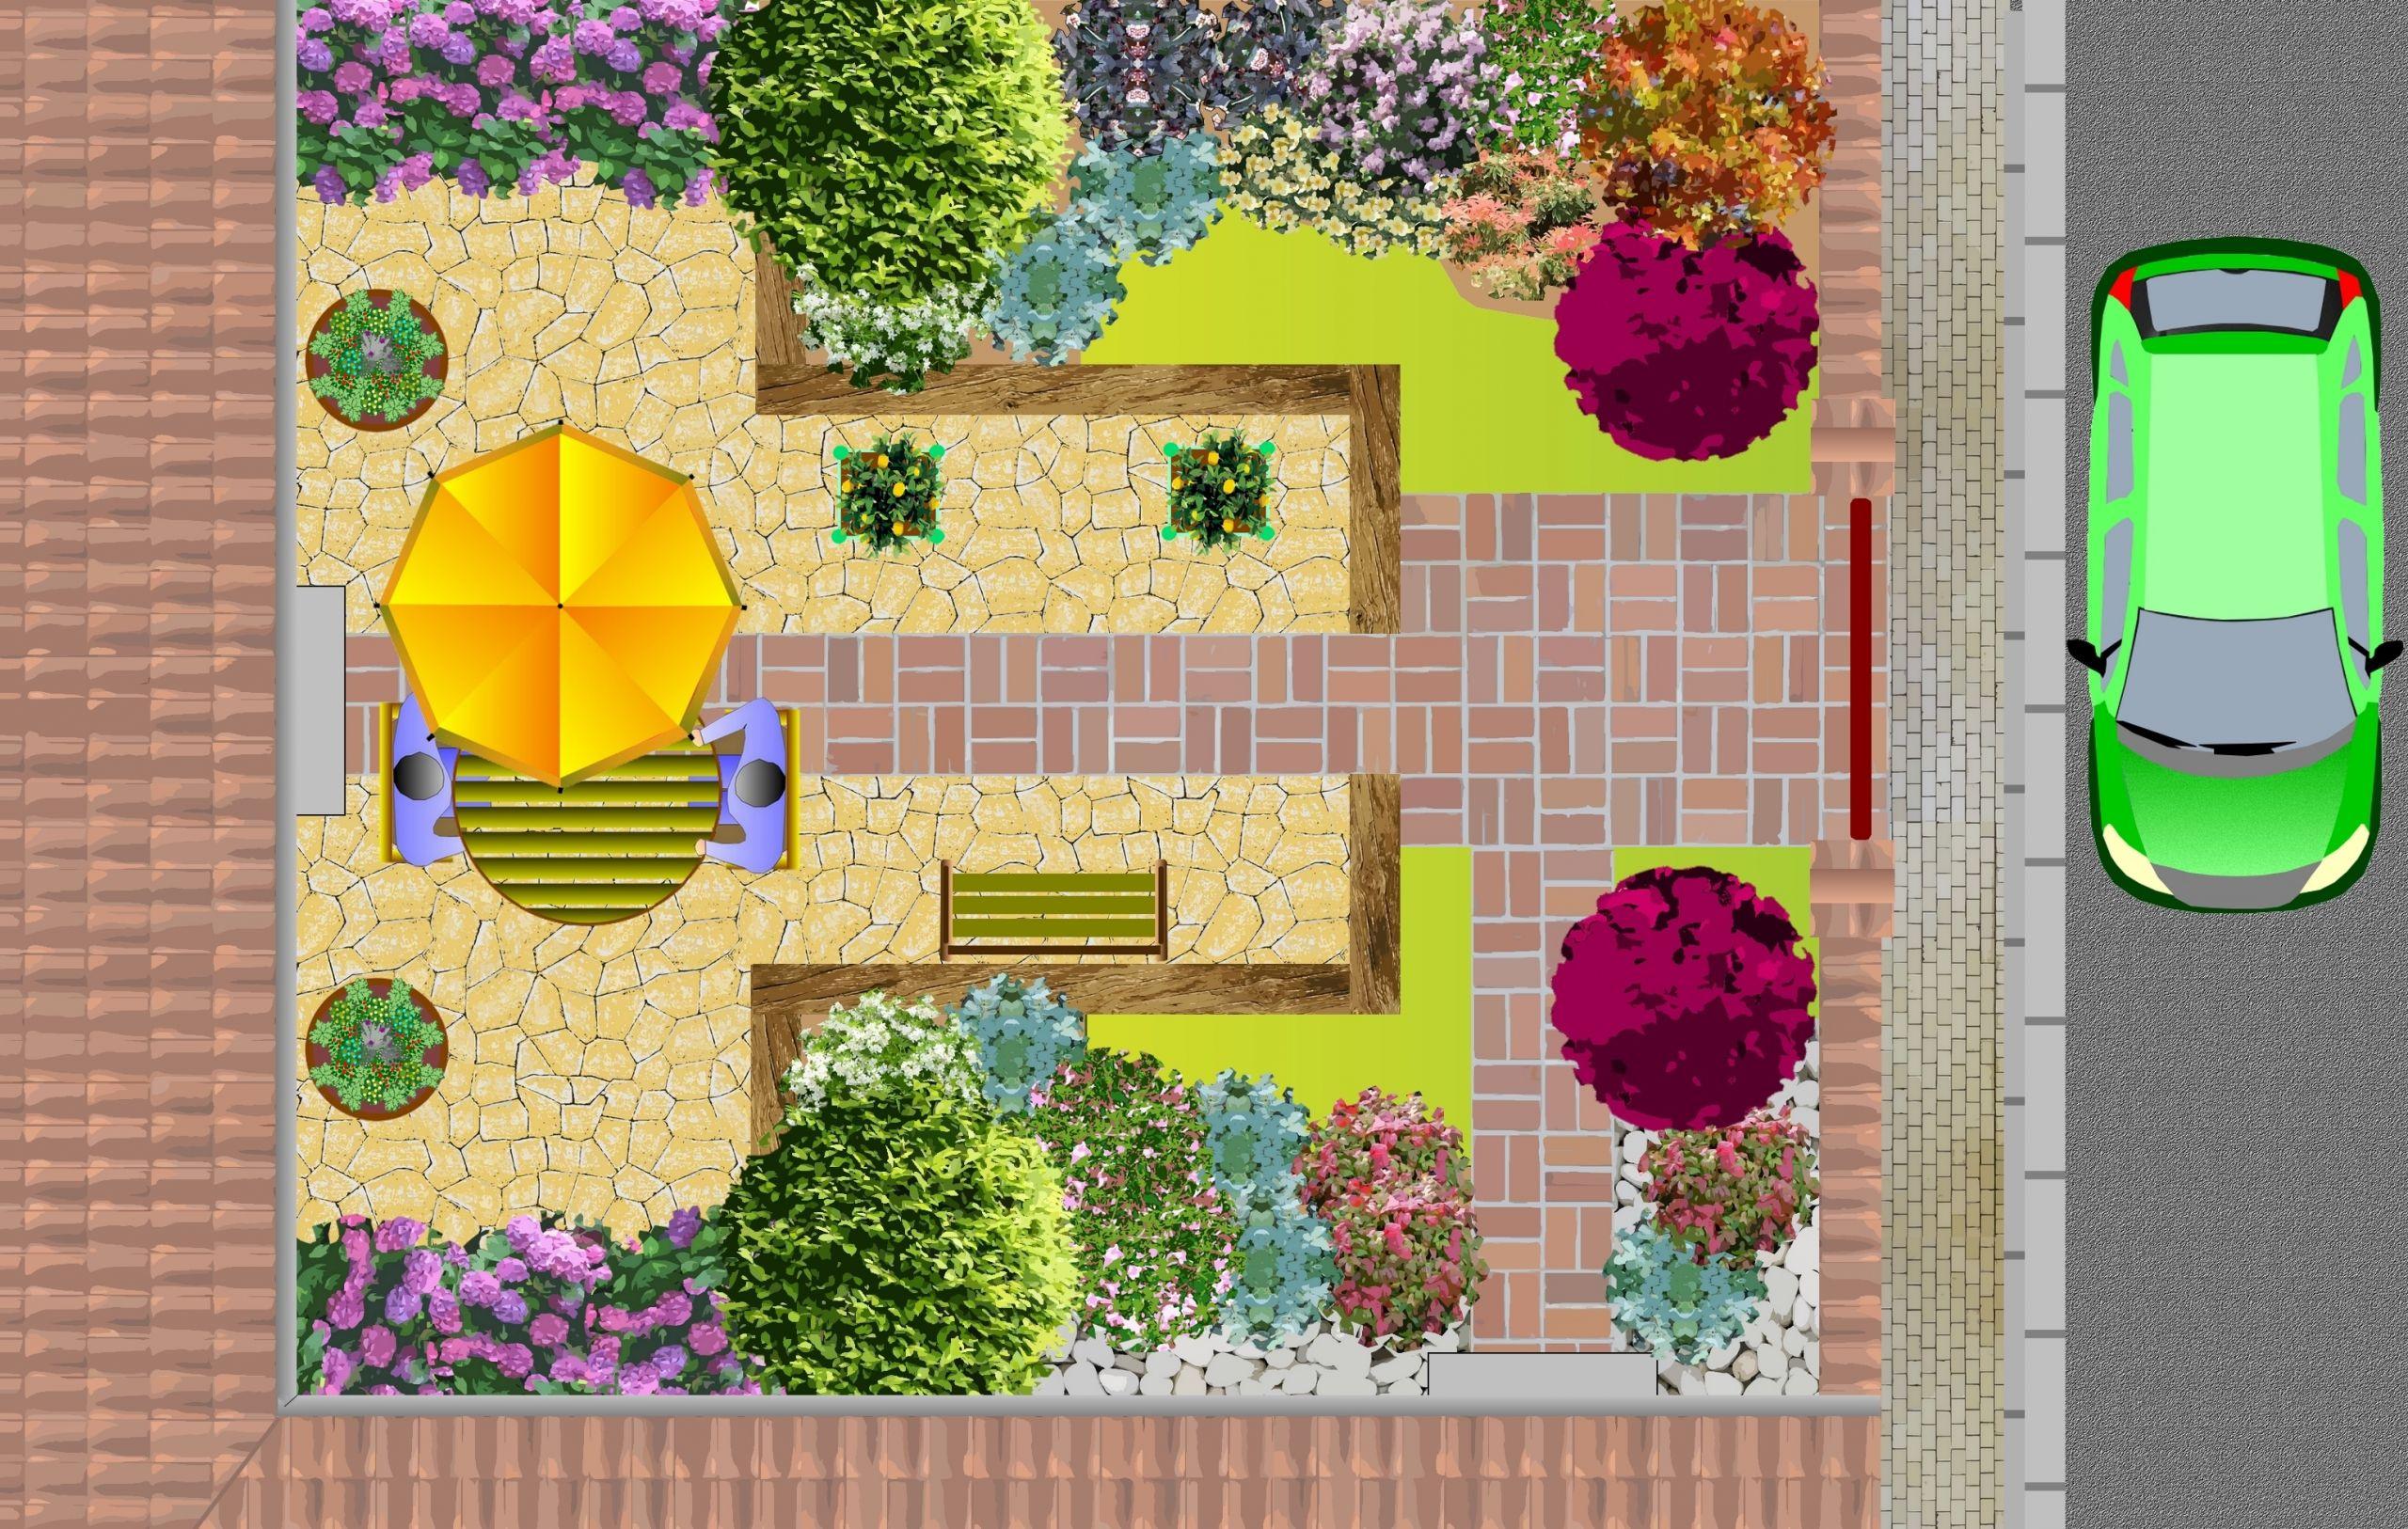 Jardin Paysager Exemple Exemple Plan Jardin Modéle D ... tout Exemple D Aménagement De Jardin